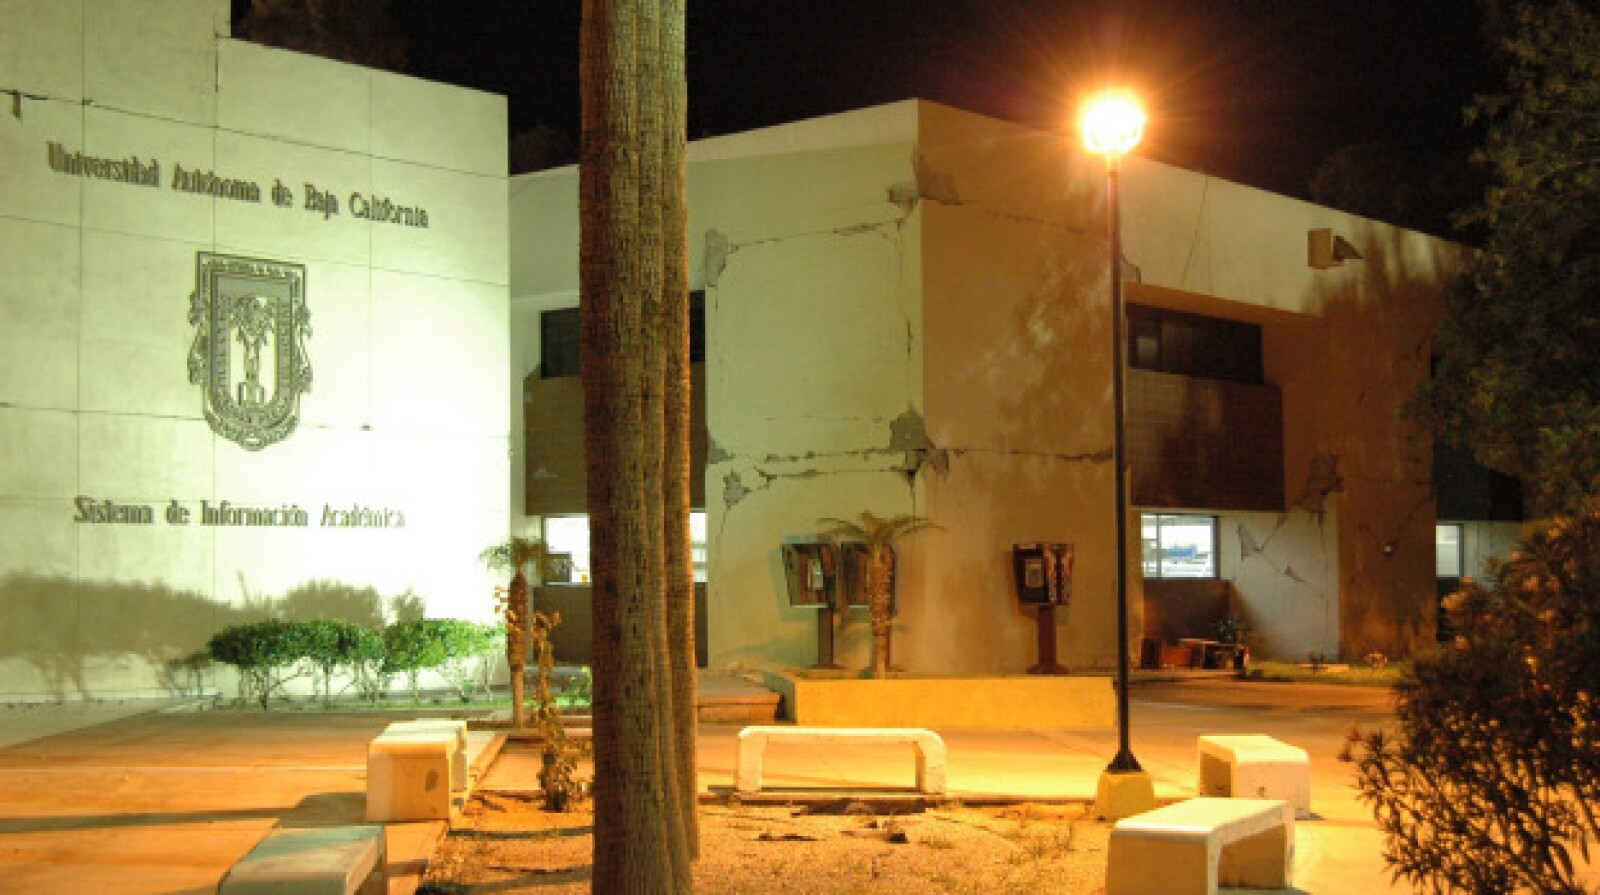 La Universidad Autónoma de Baja California fue otro de los edificios afectados